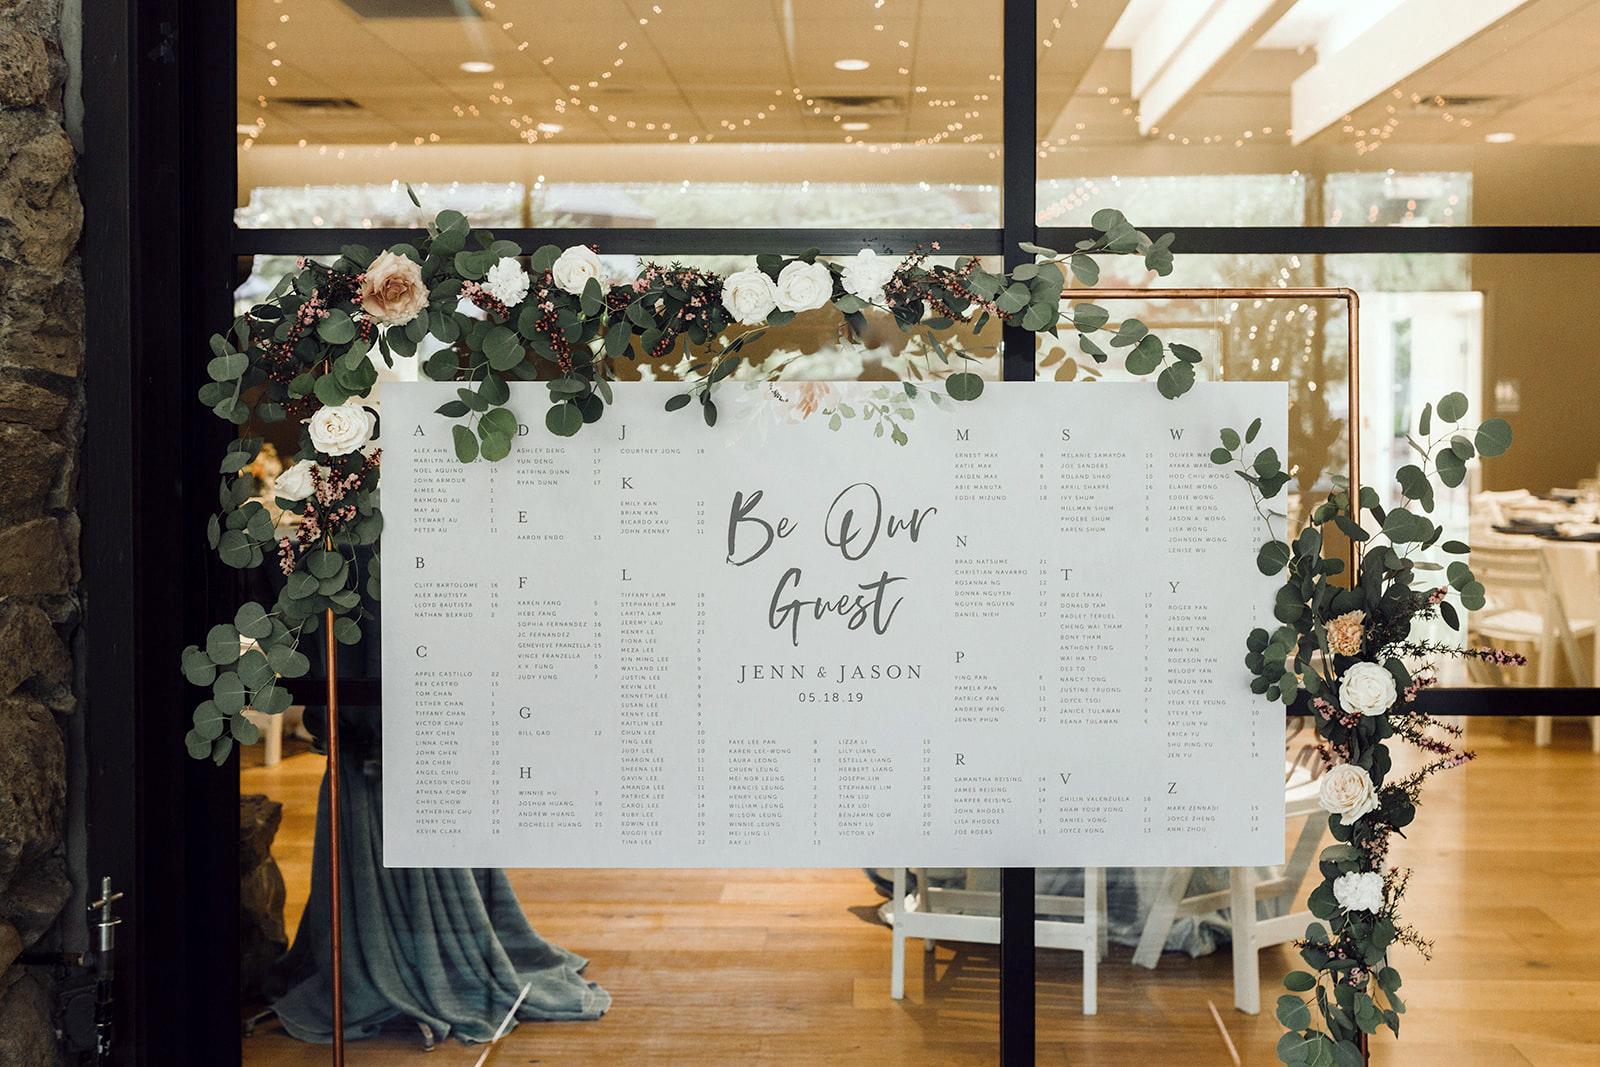 JennJason-MAGC-Wedding-SP-65_websize.jpg